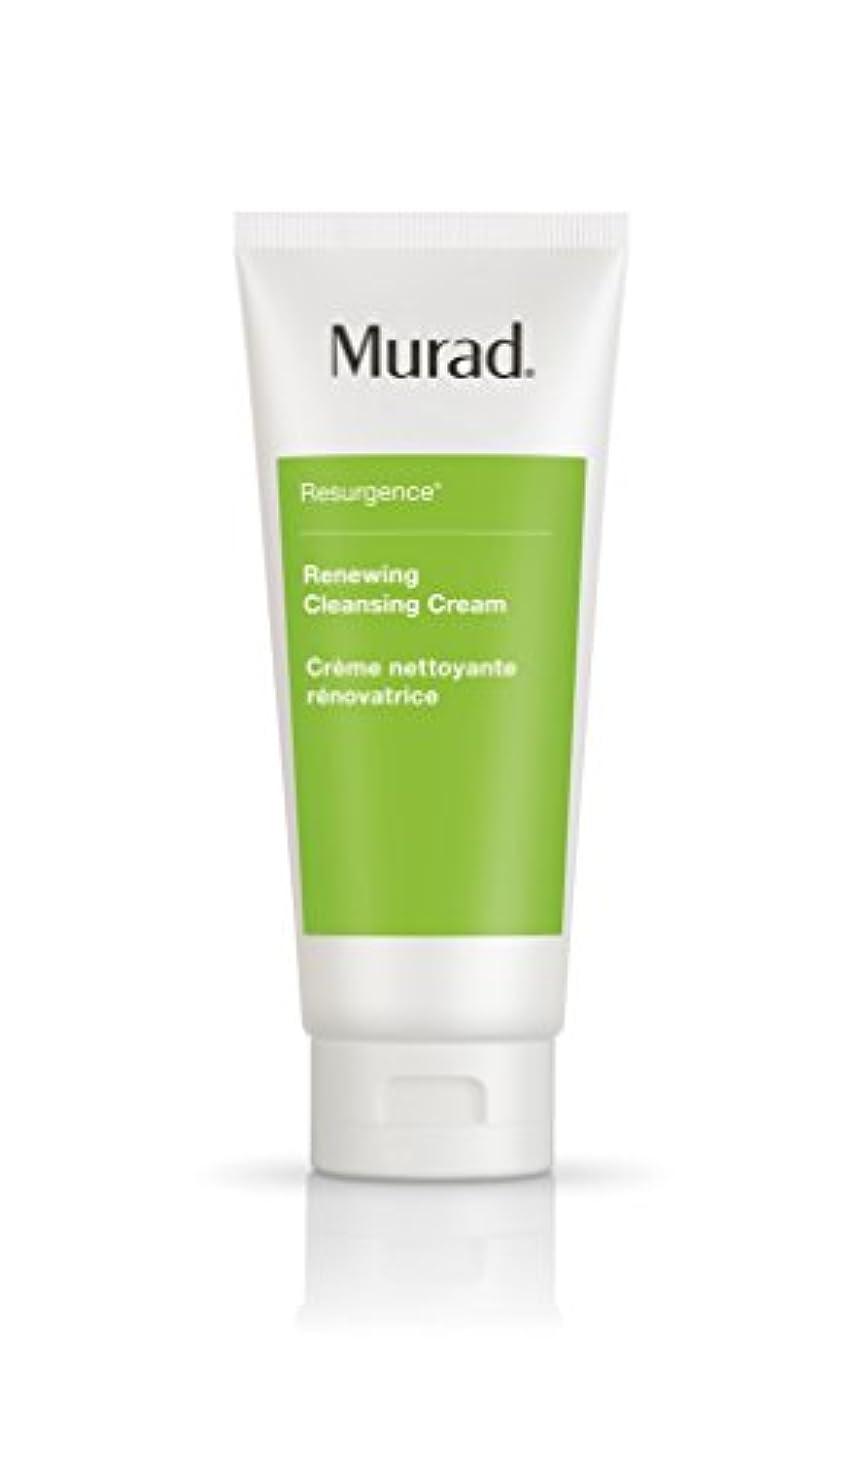 排泄物周波数自分のためにMurad リサージェンス リニューイング クレンジング クリーム、1:クレンジング/トーニング、200 ミリリットル(6.75液用オンス)